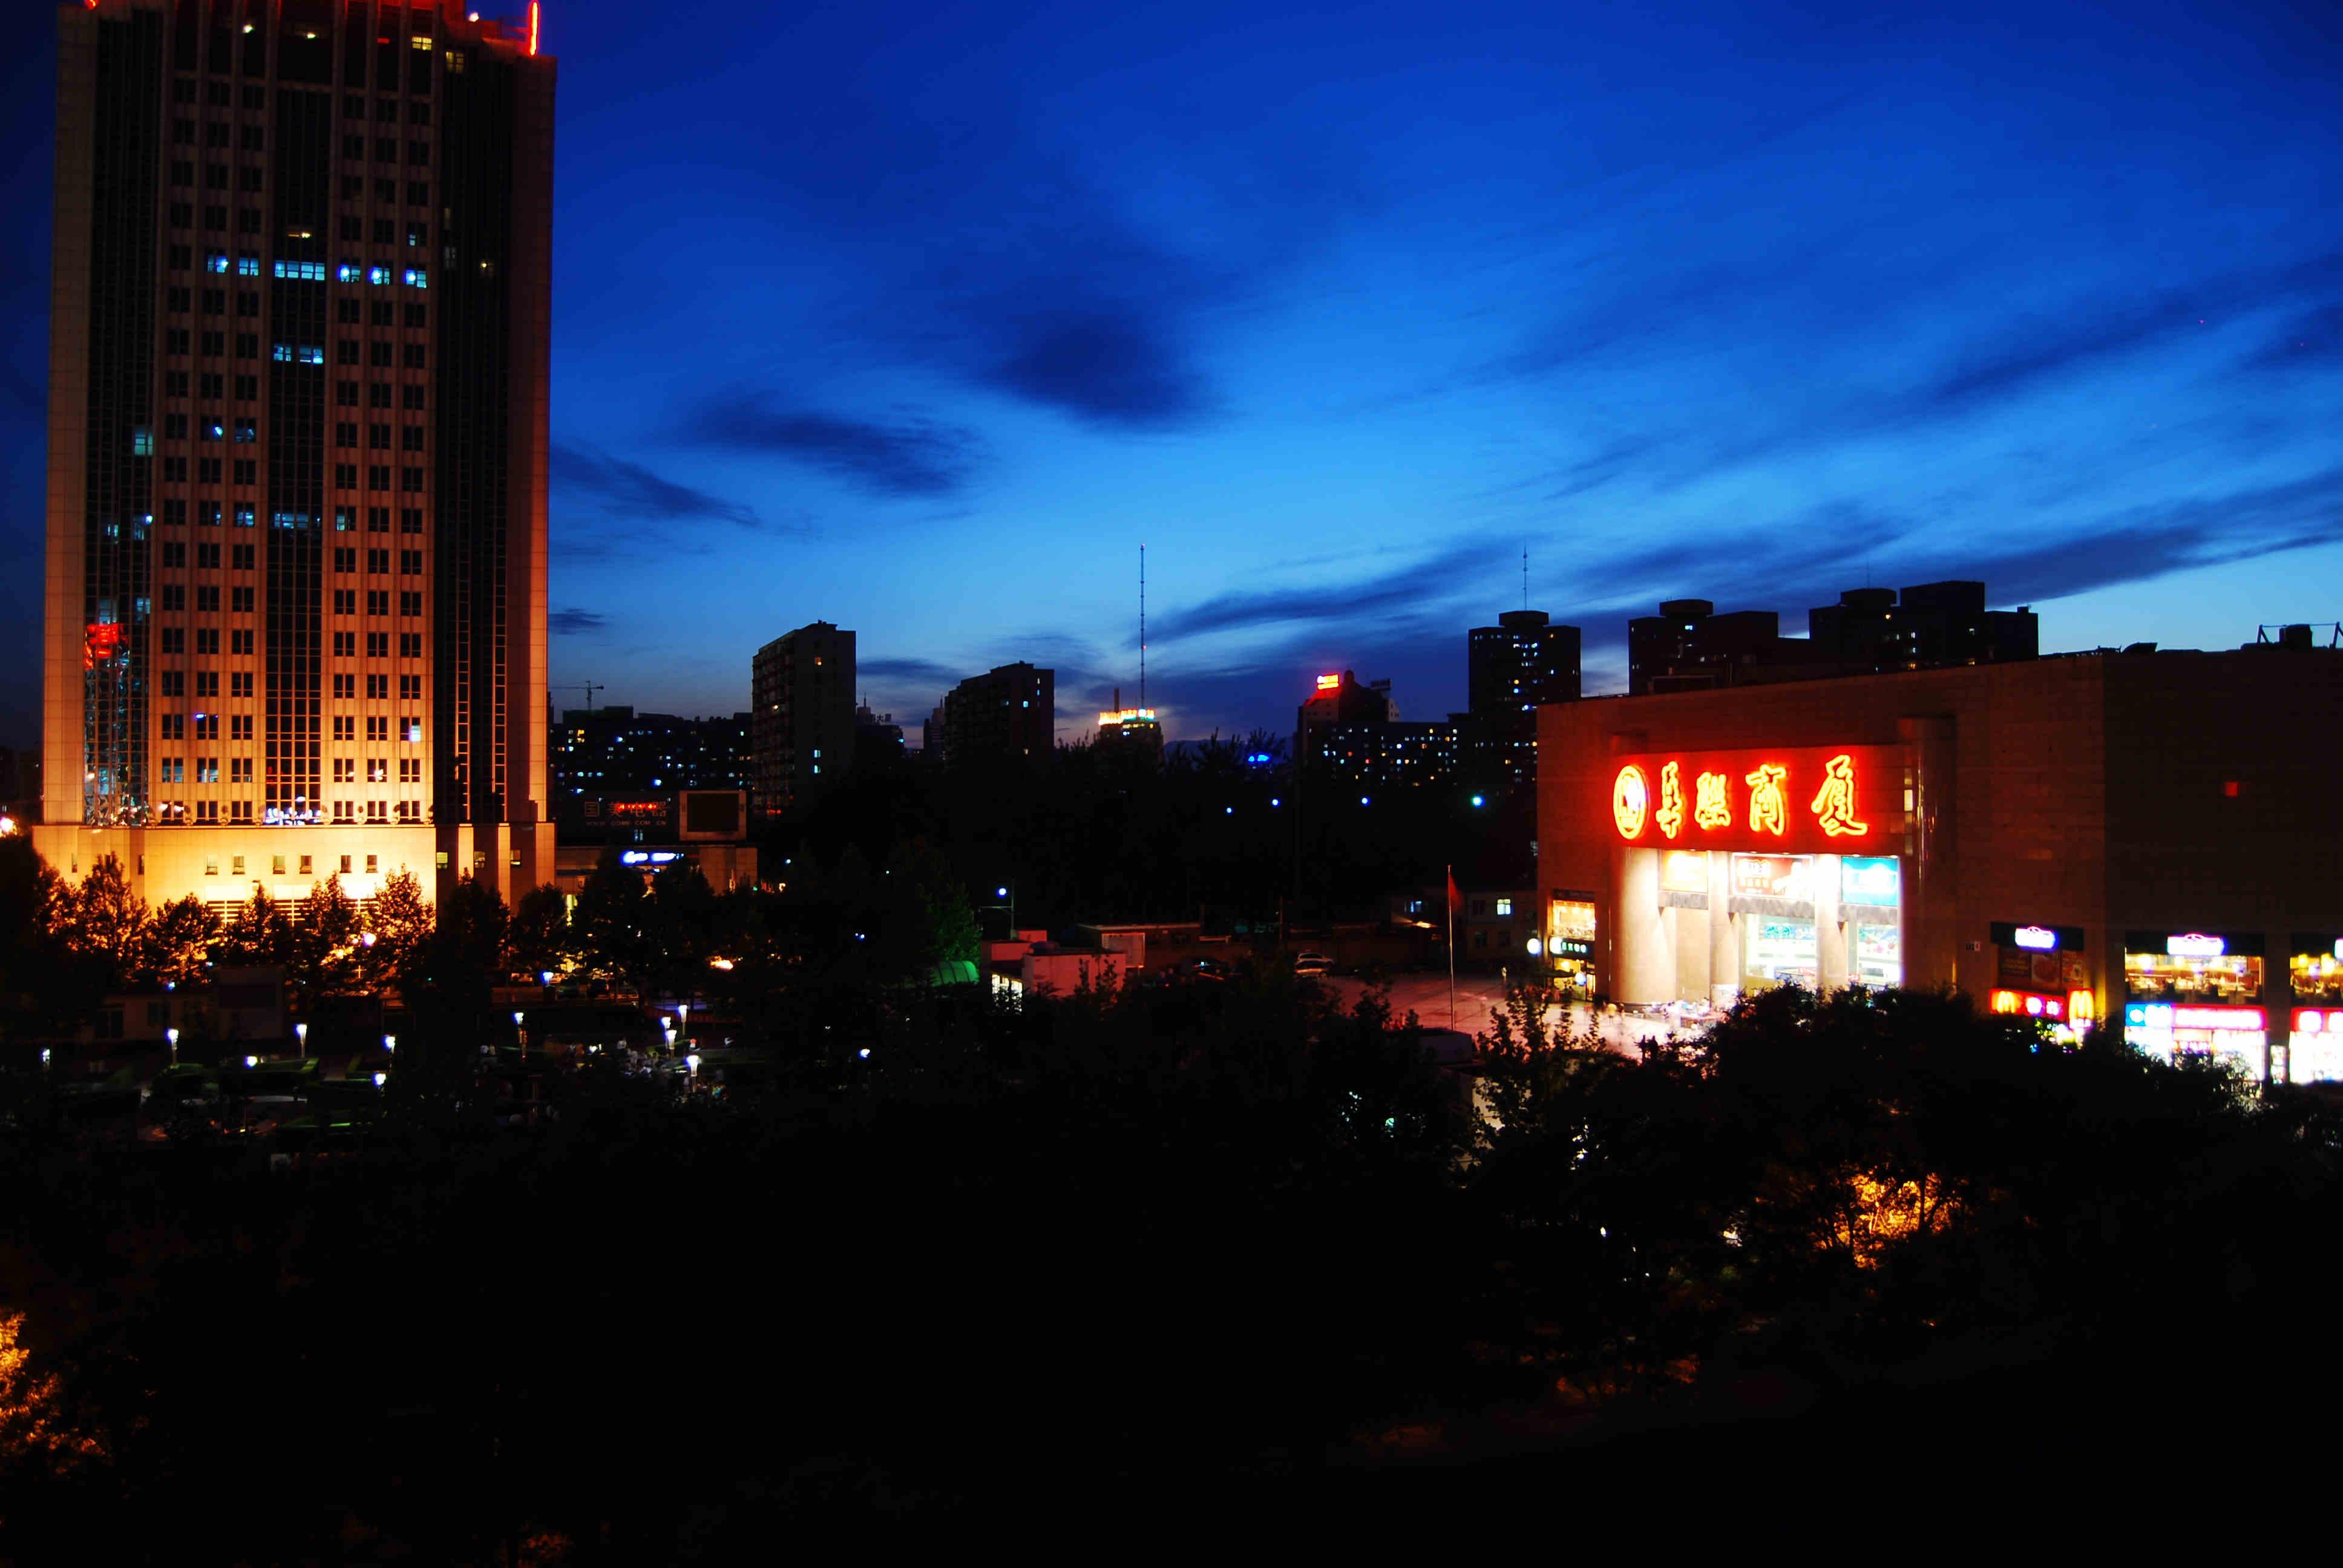 北京夜色 百城名街 对话世界摄影展征稿启事图片